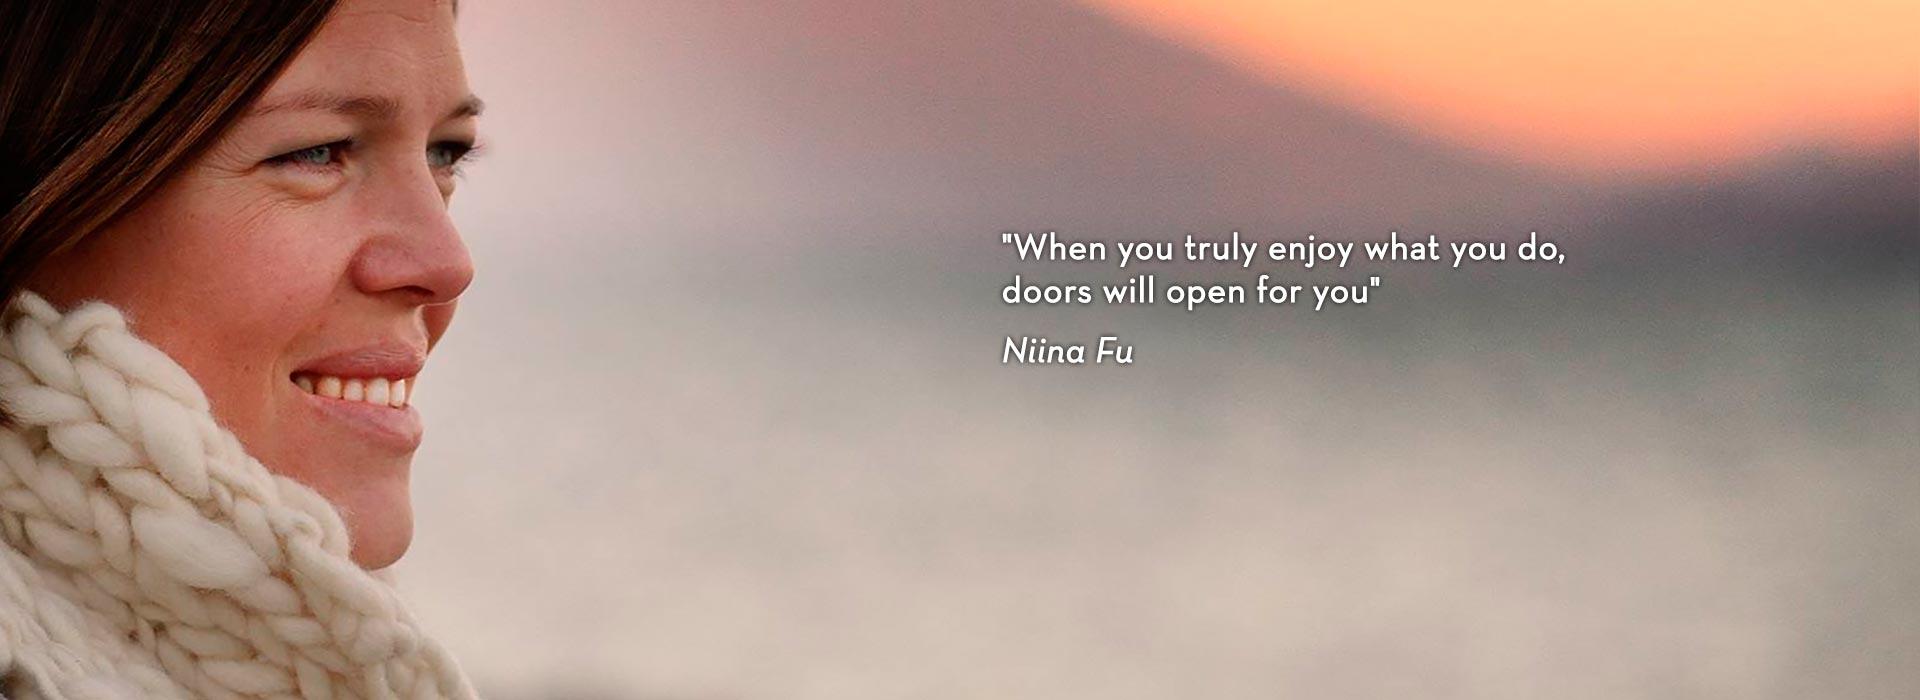 Niina Fu